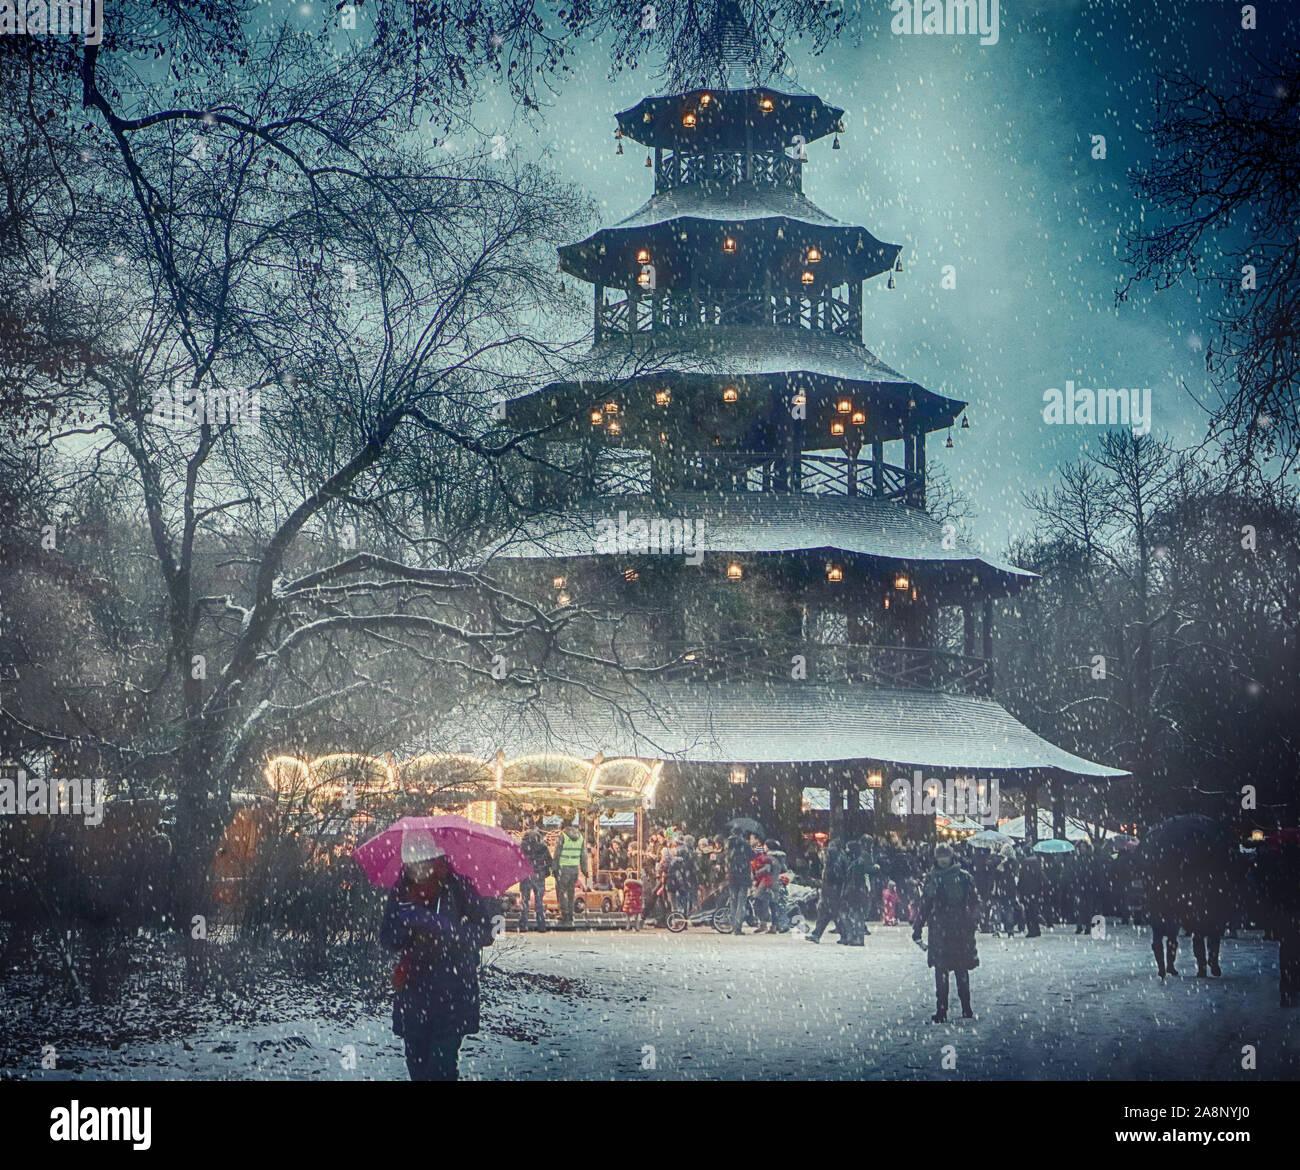 München, Deutschland - Weihnachtsmarkt am Chinesischen Turm im Englischen Garten und Schneefall Stockfoto